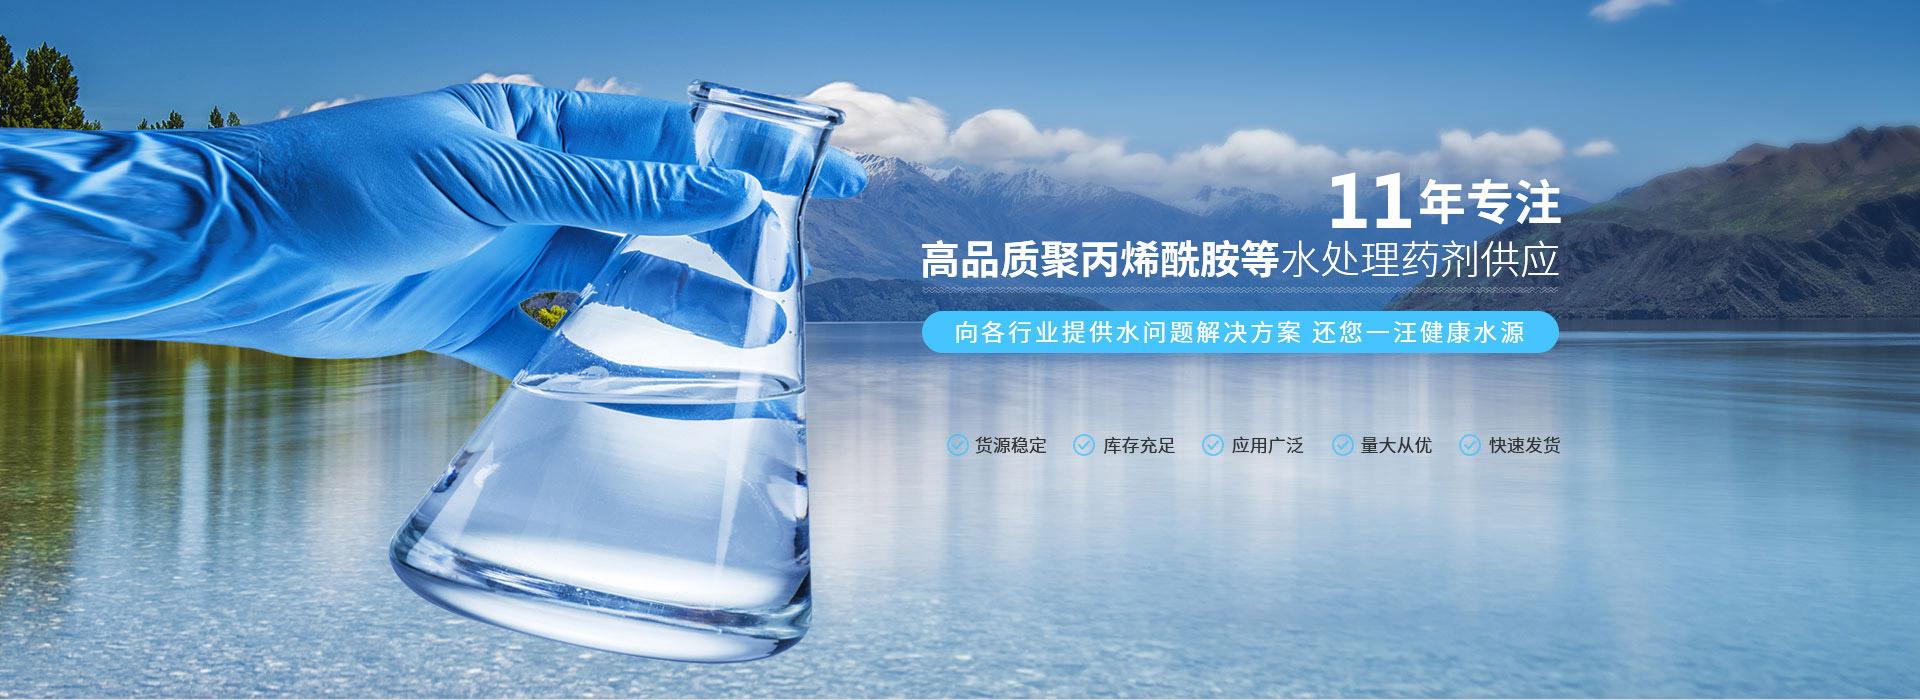 俊三-22年专注高品质聚丙烯酰胺等水处理药剂供应